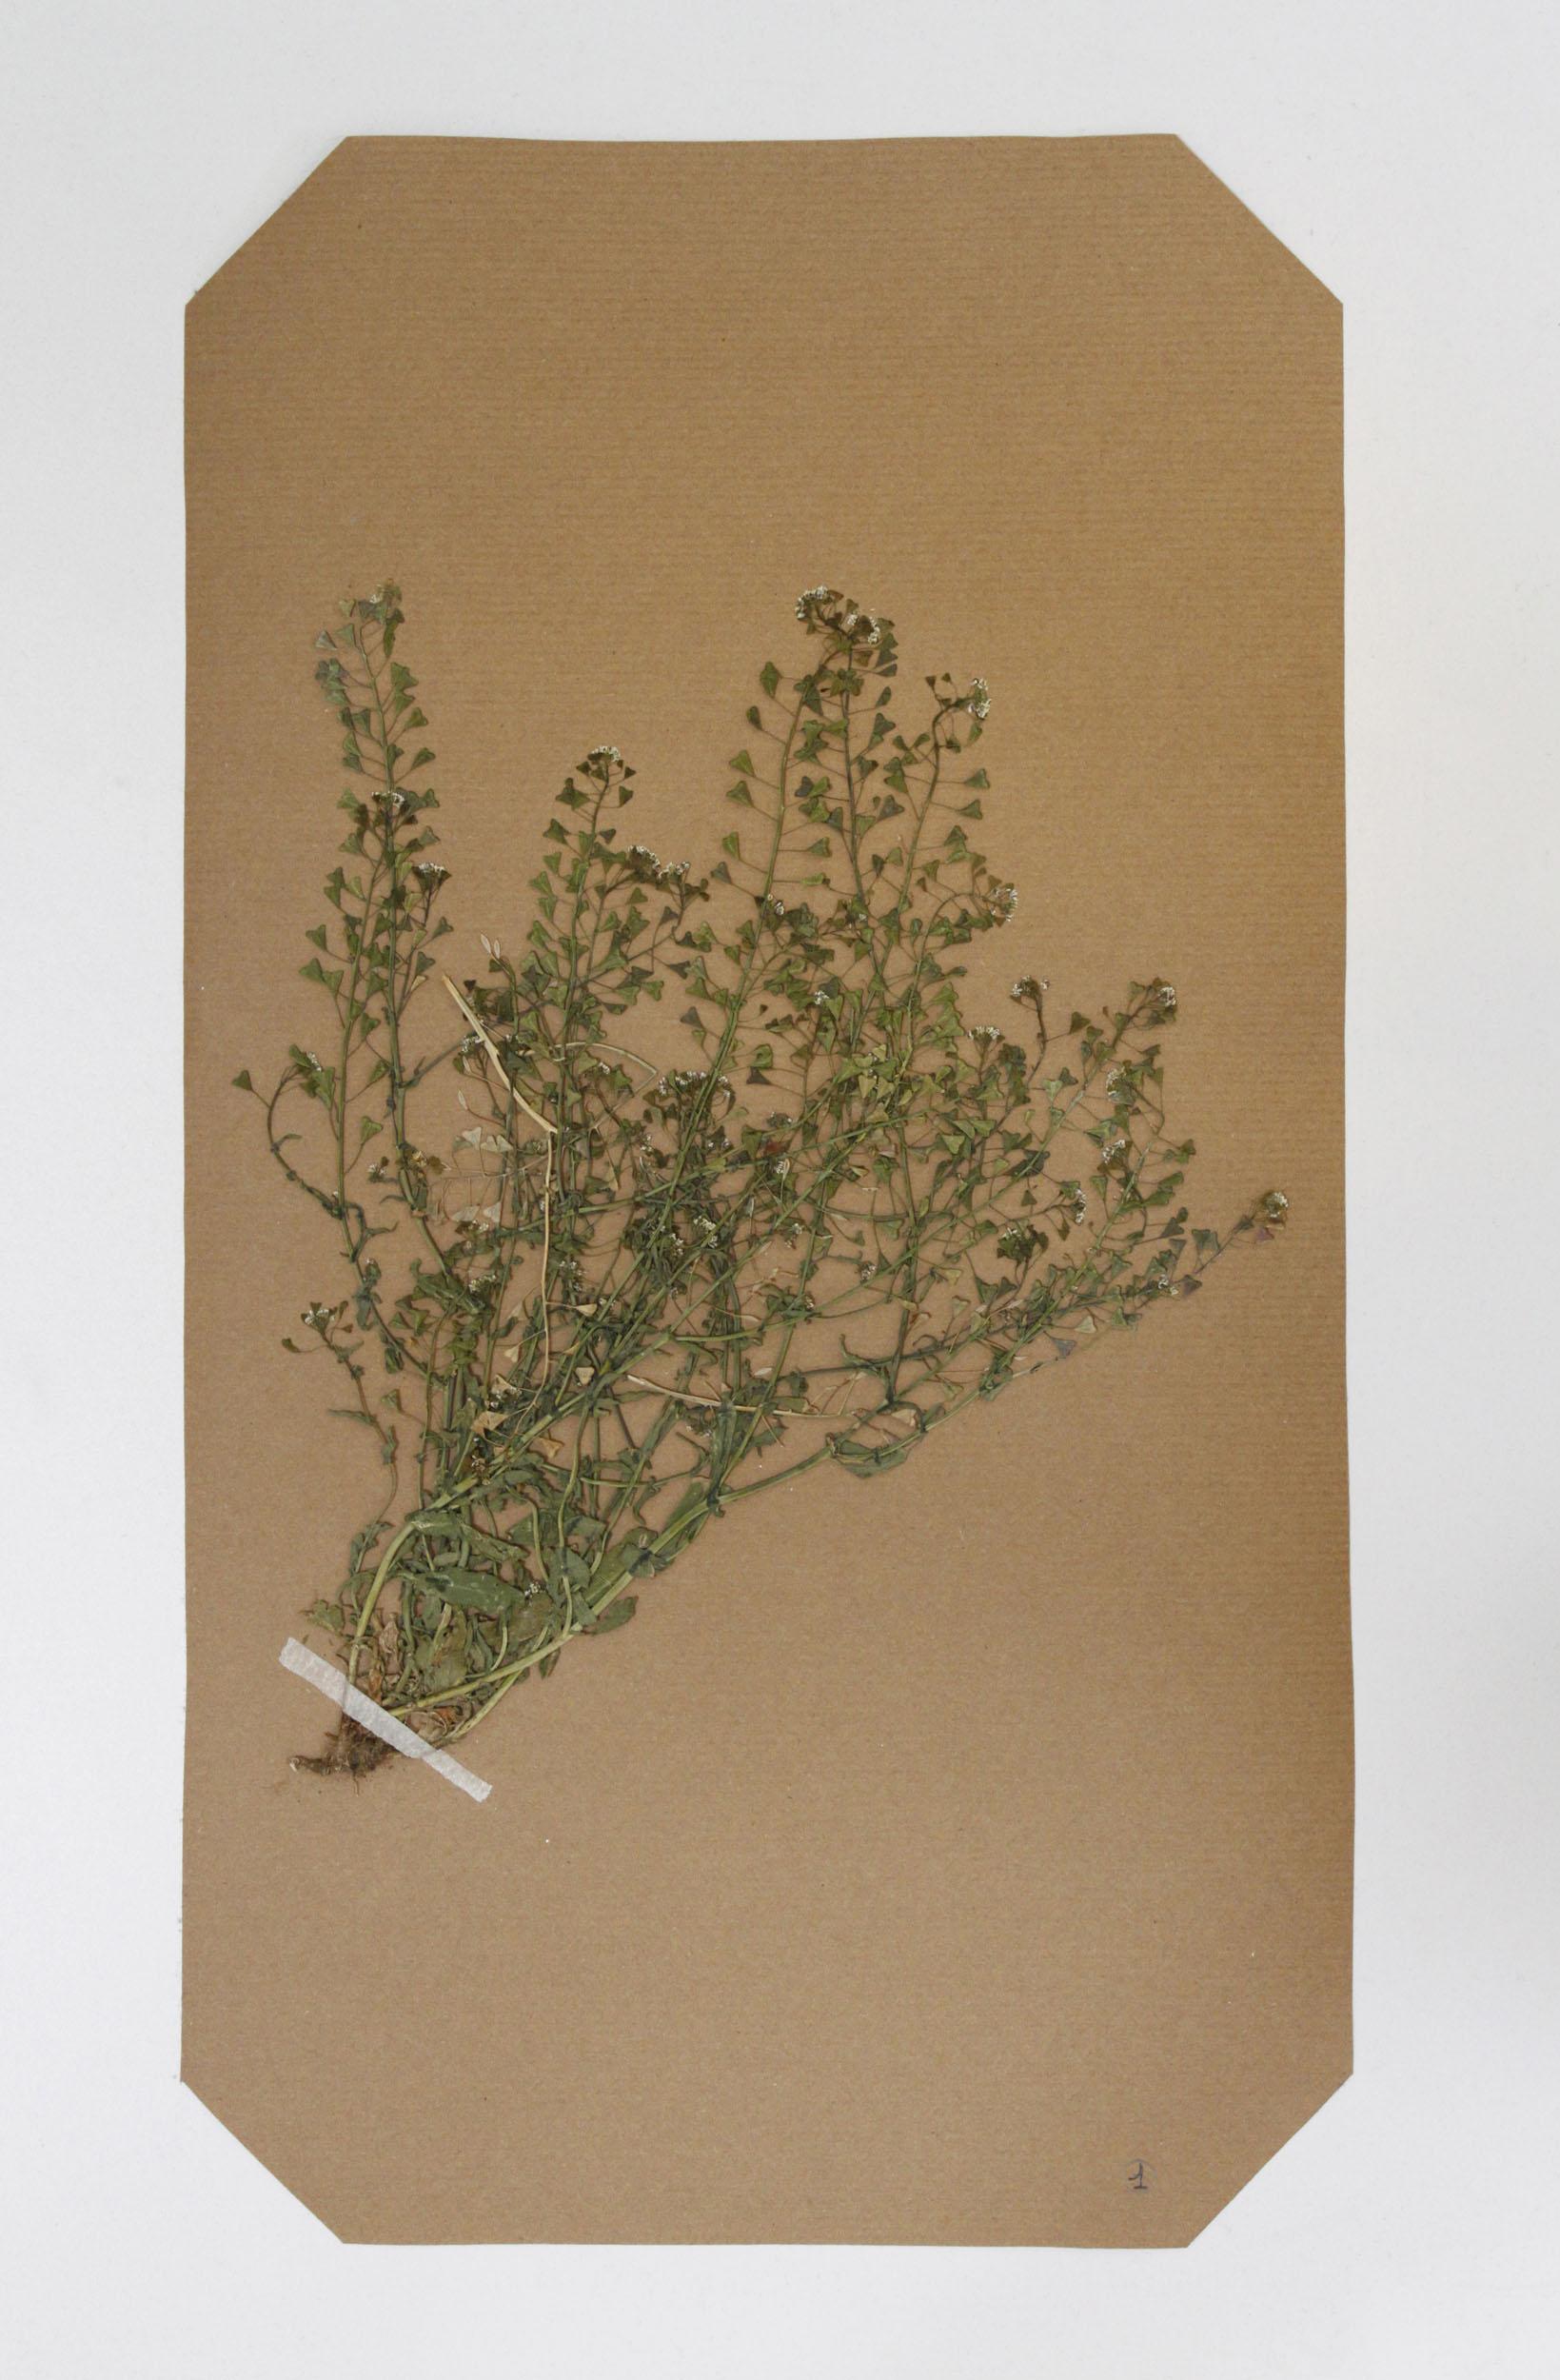 A pressed weed on herbarium paper